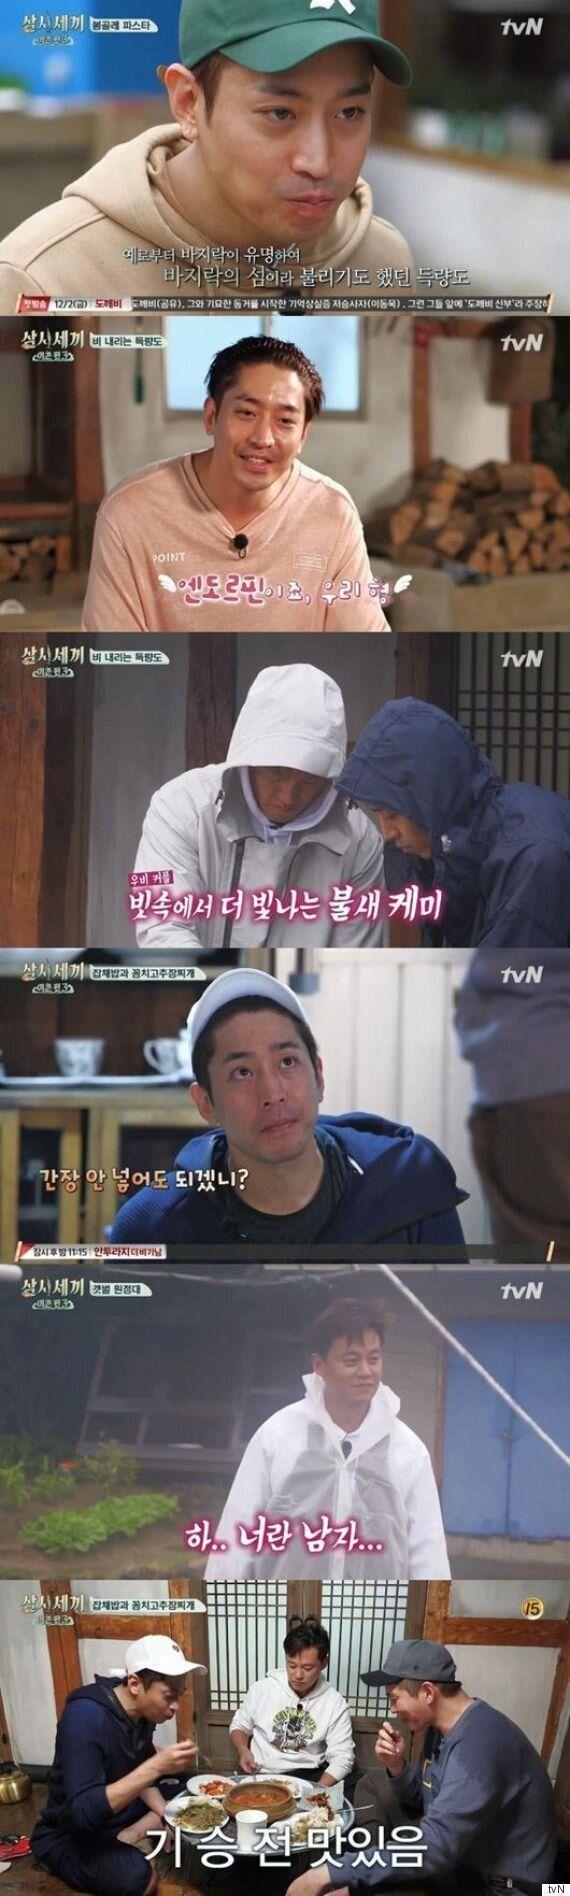 [어저께TV] '삼시세끼' 이서진X에릭, 득량도서 핀 훈훈한 '불새